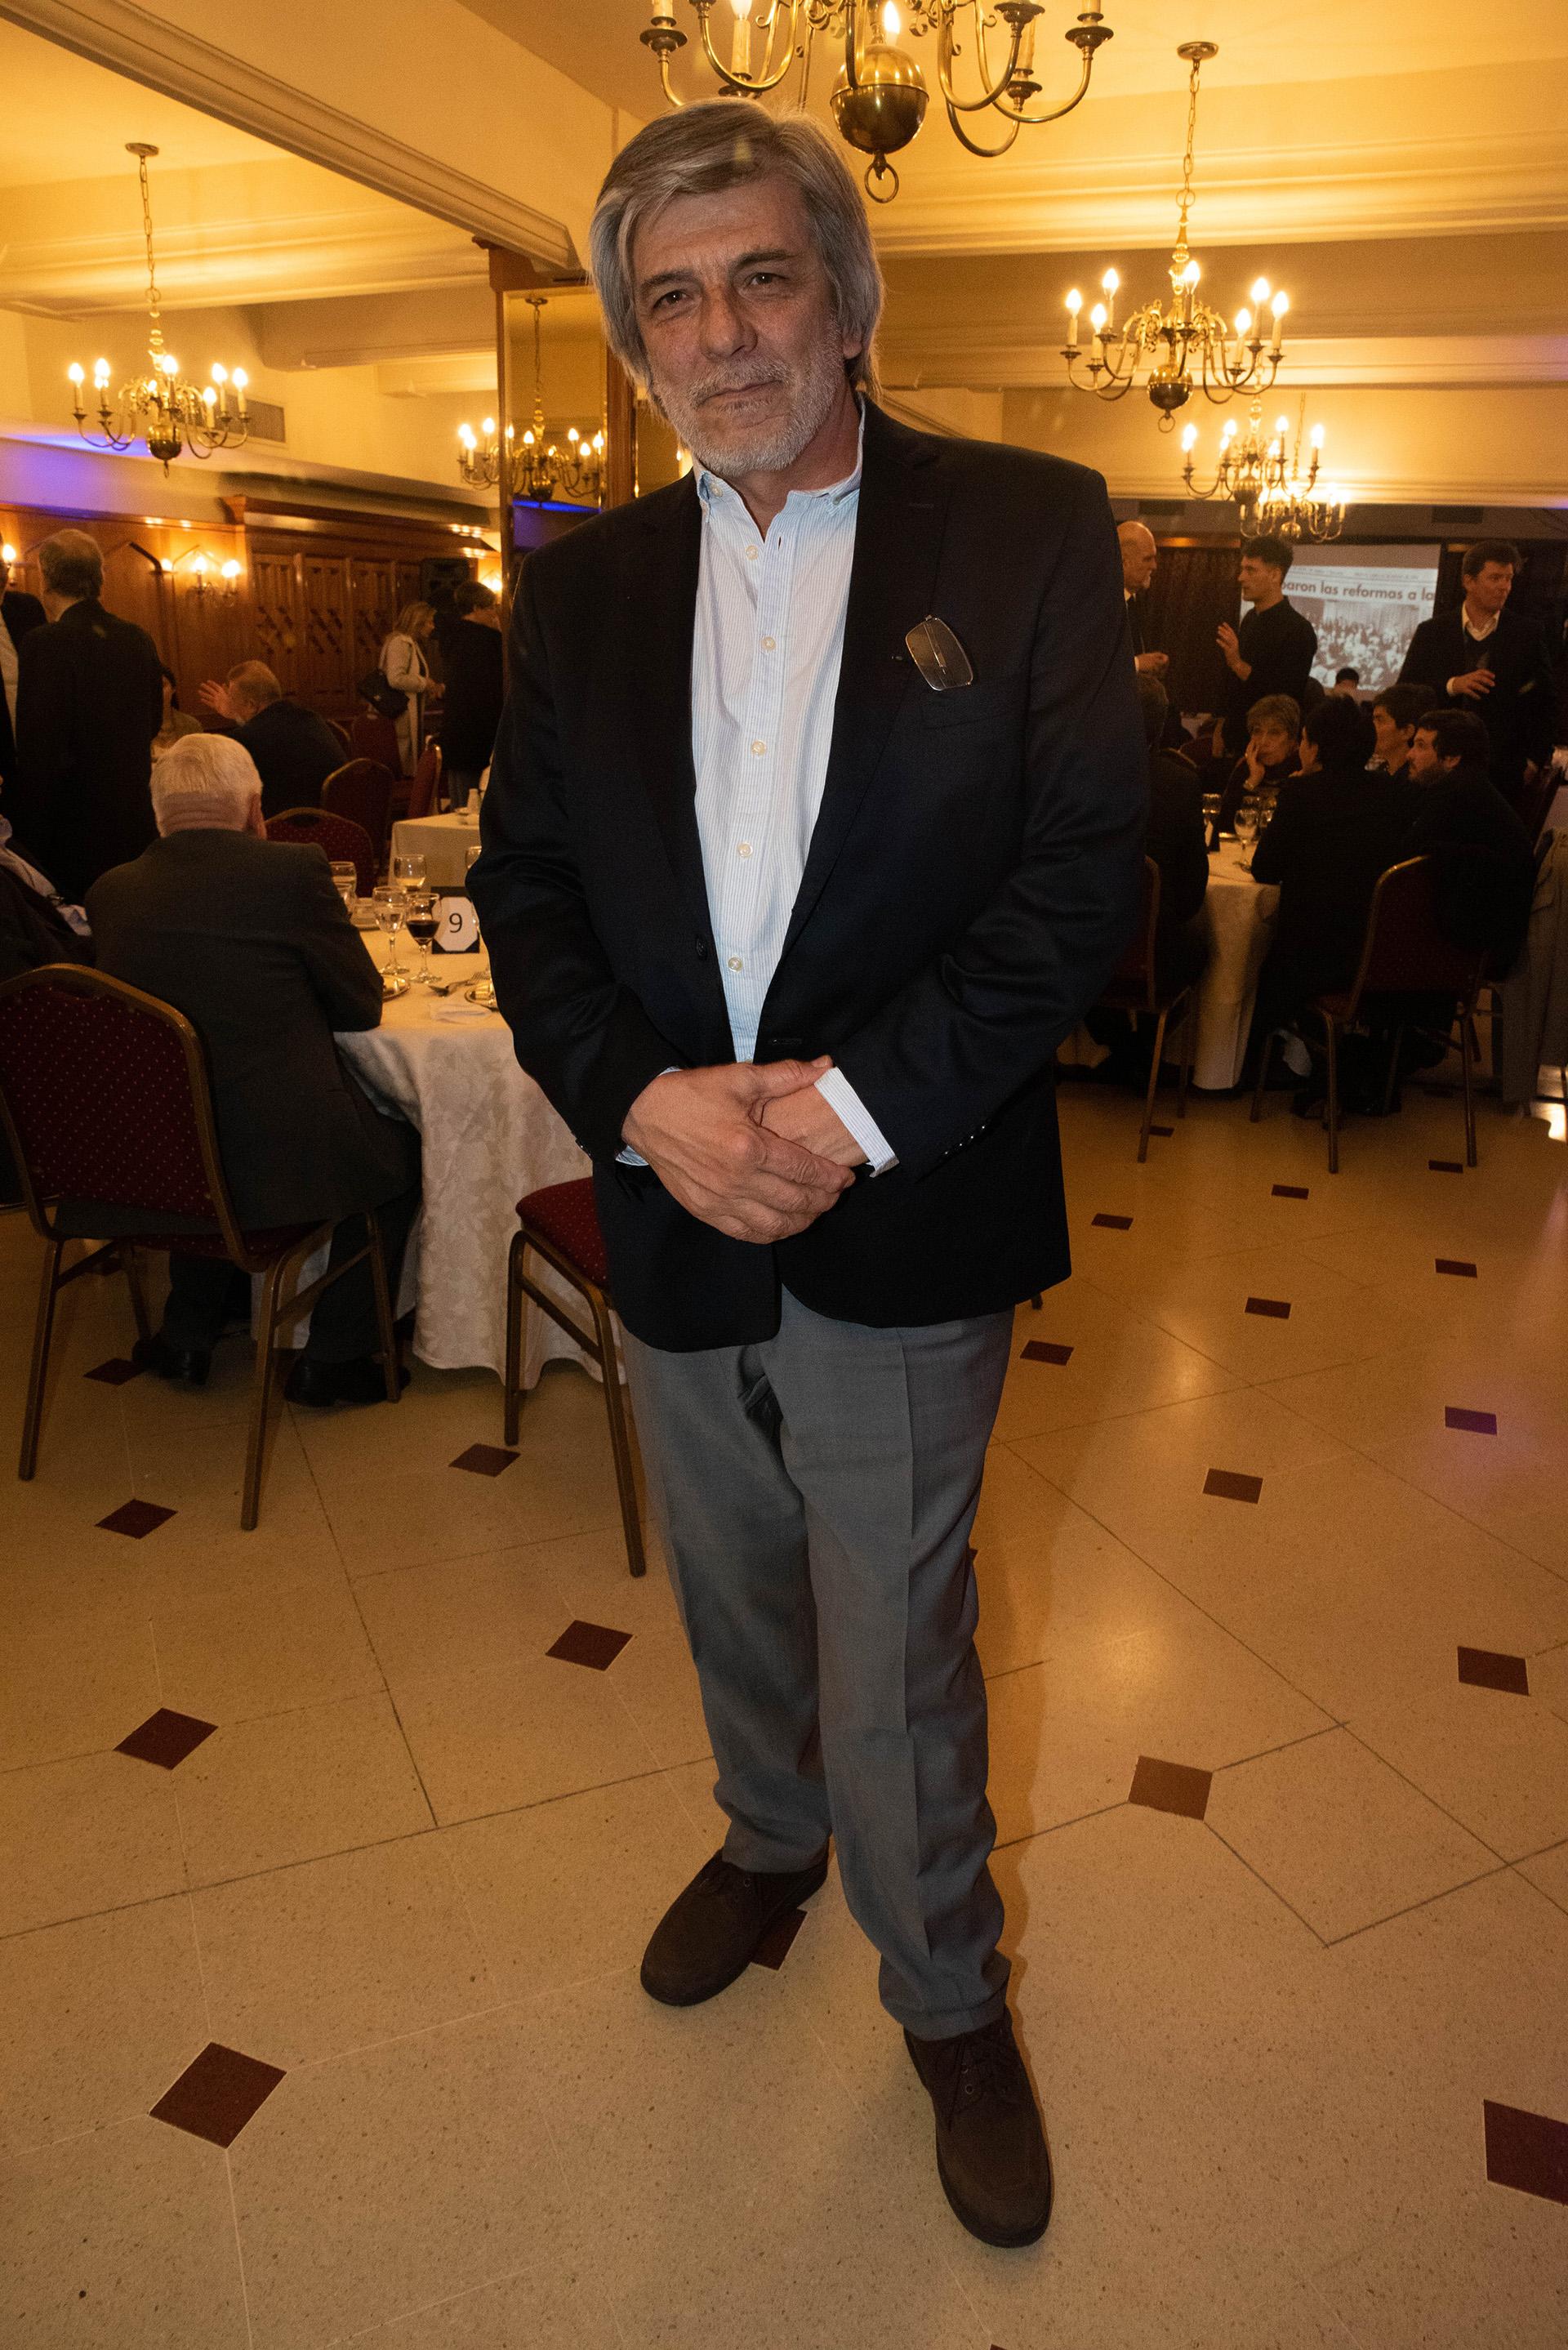 Fernando Rajneri, miembro del directorio del diario de Río Negro